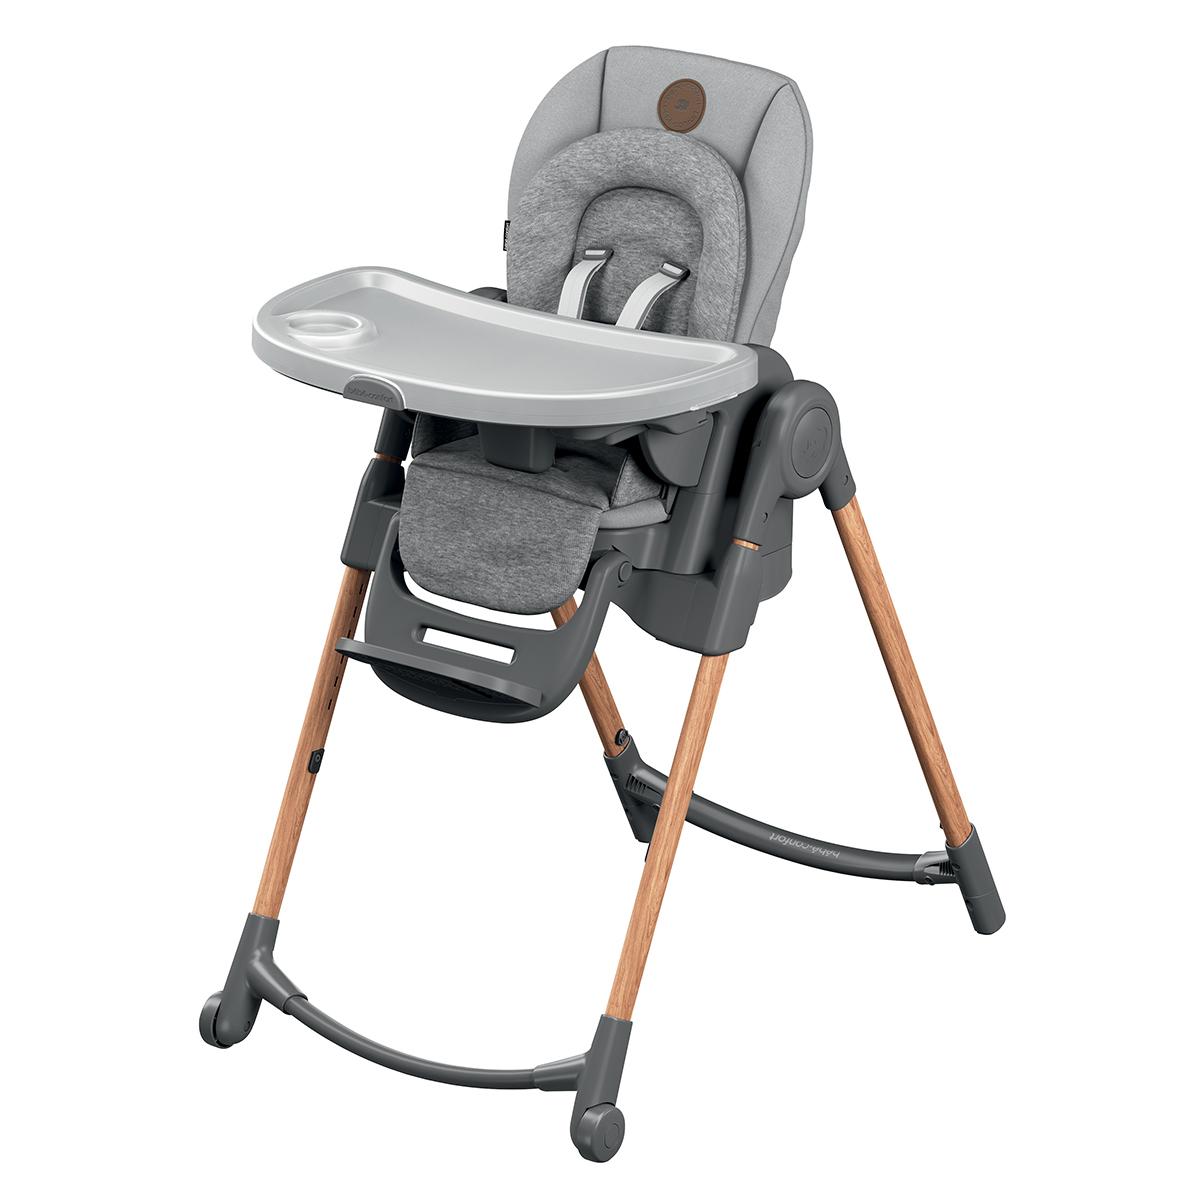 Chaise Haute Minla de Bébé Confort